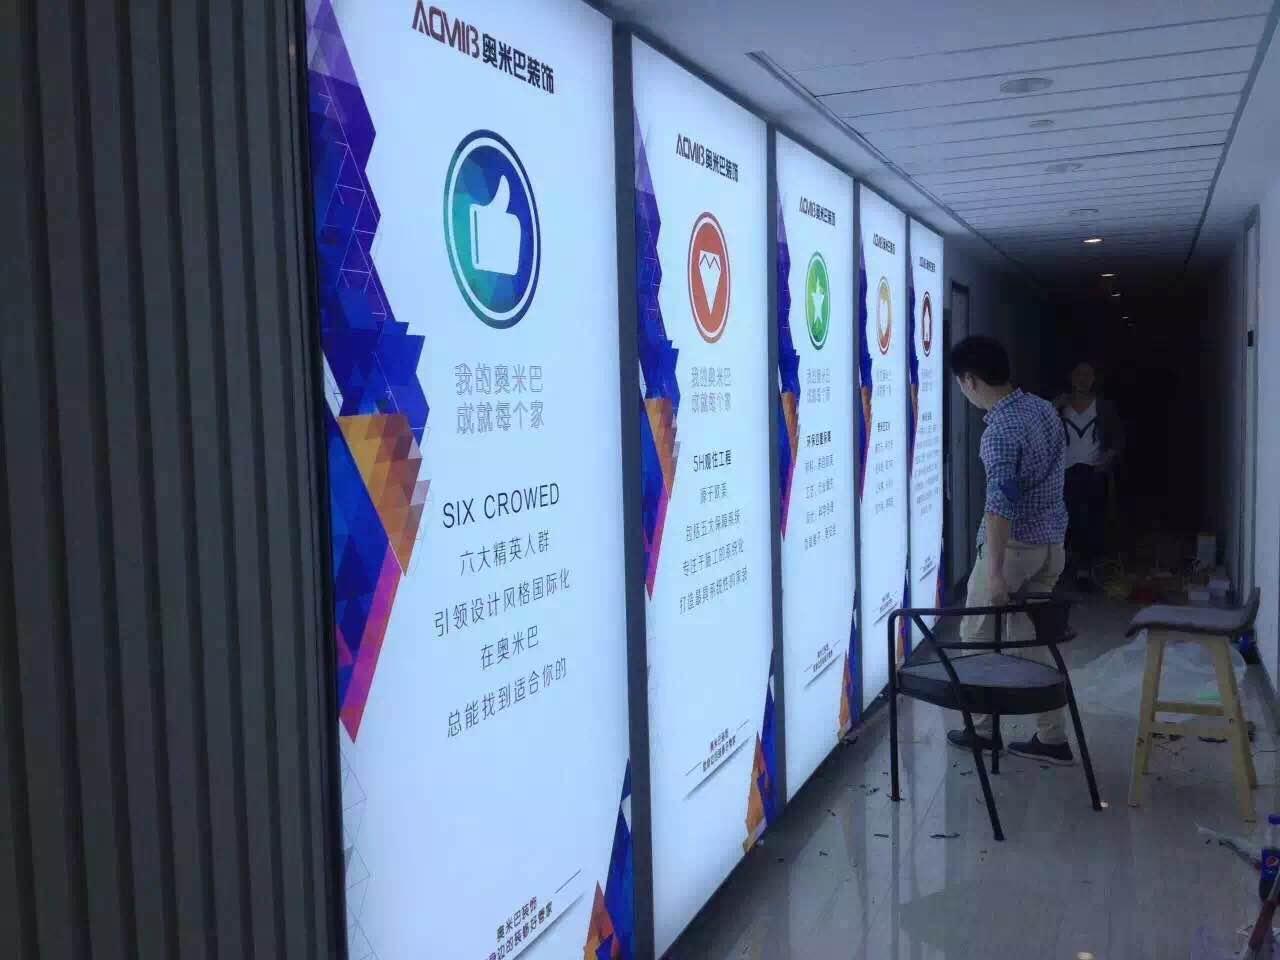 深圳卡布灯箱厂家直销、卡布灯箱供货商批发、供应卡布灯箱出售